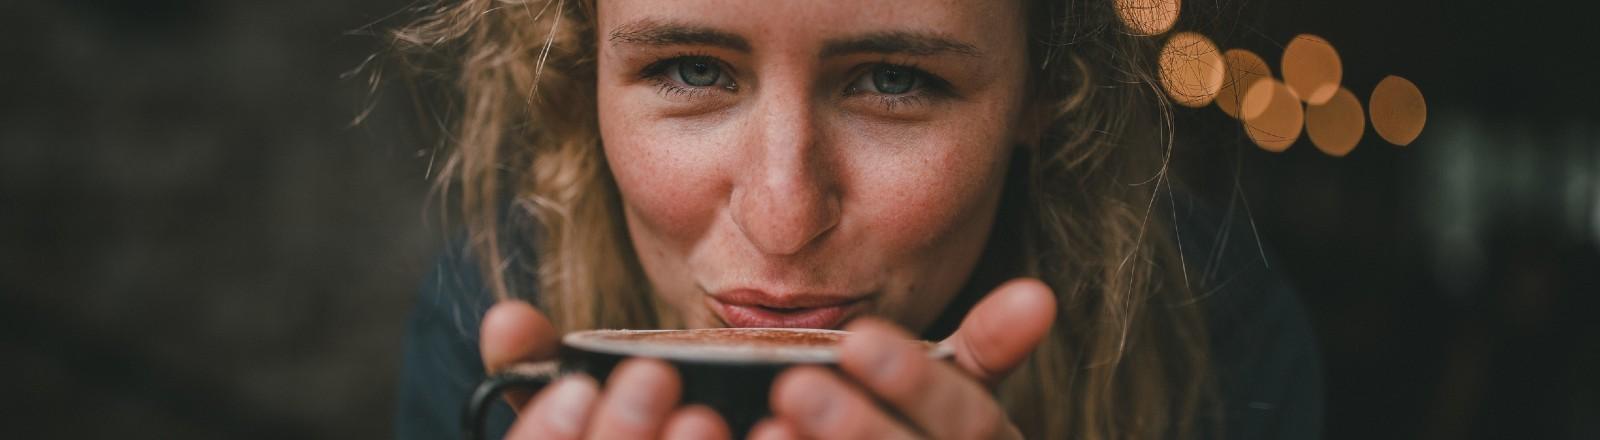 Eine Frau hält eine Tasse Kaffee in der Hand - ein Moment voller Genuss.